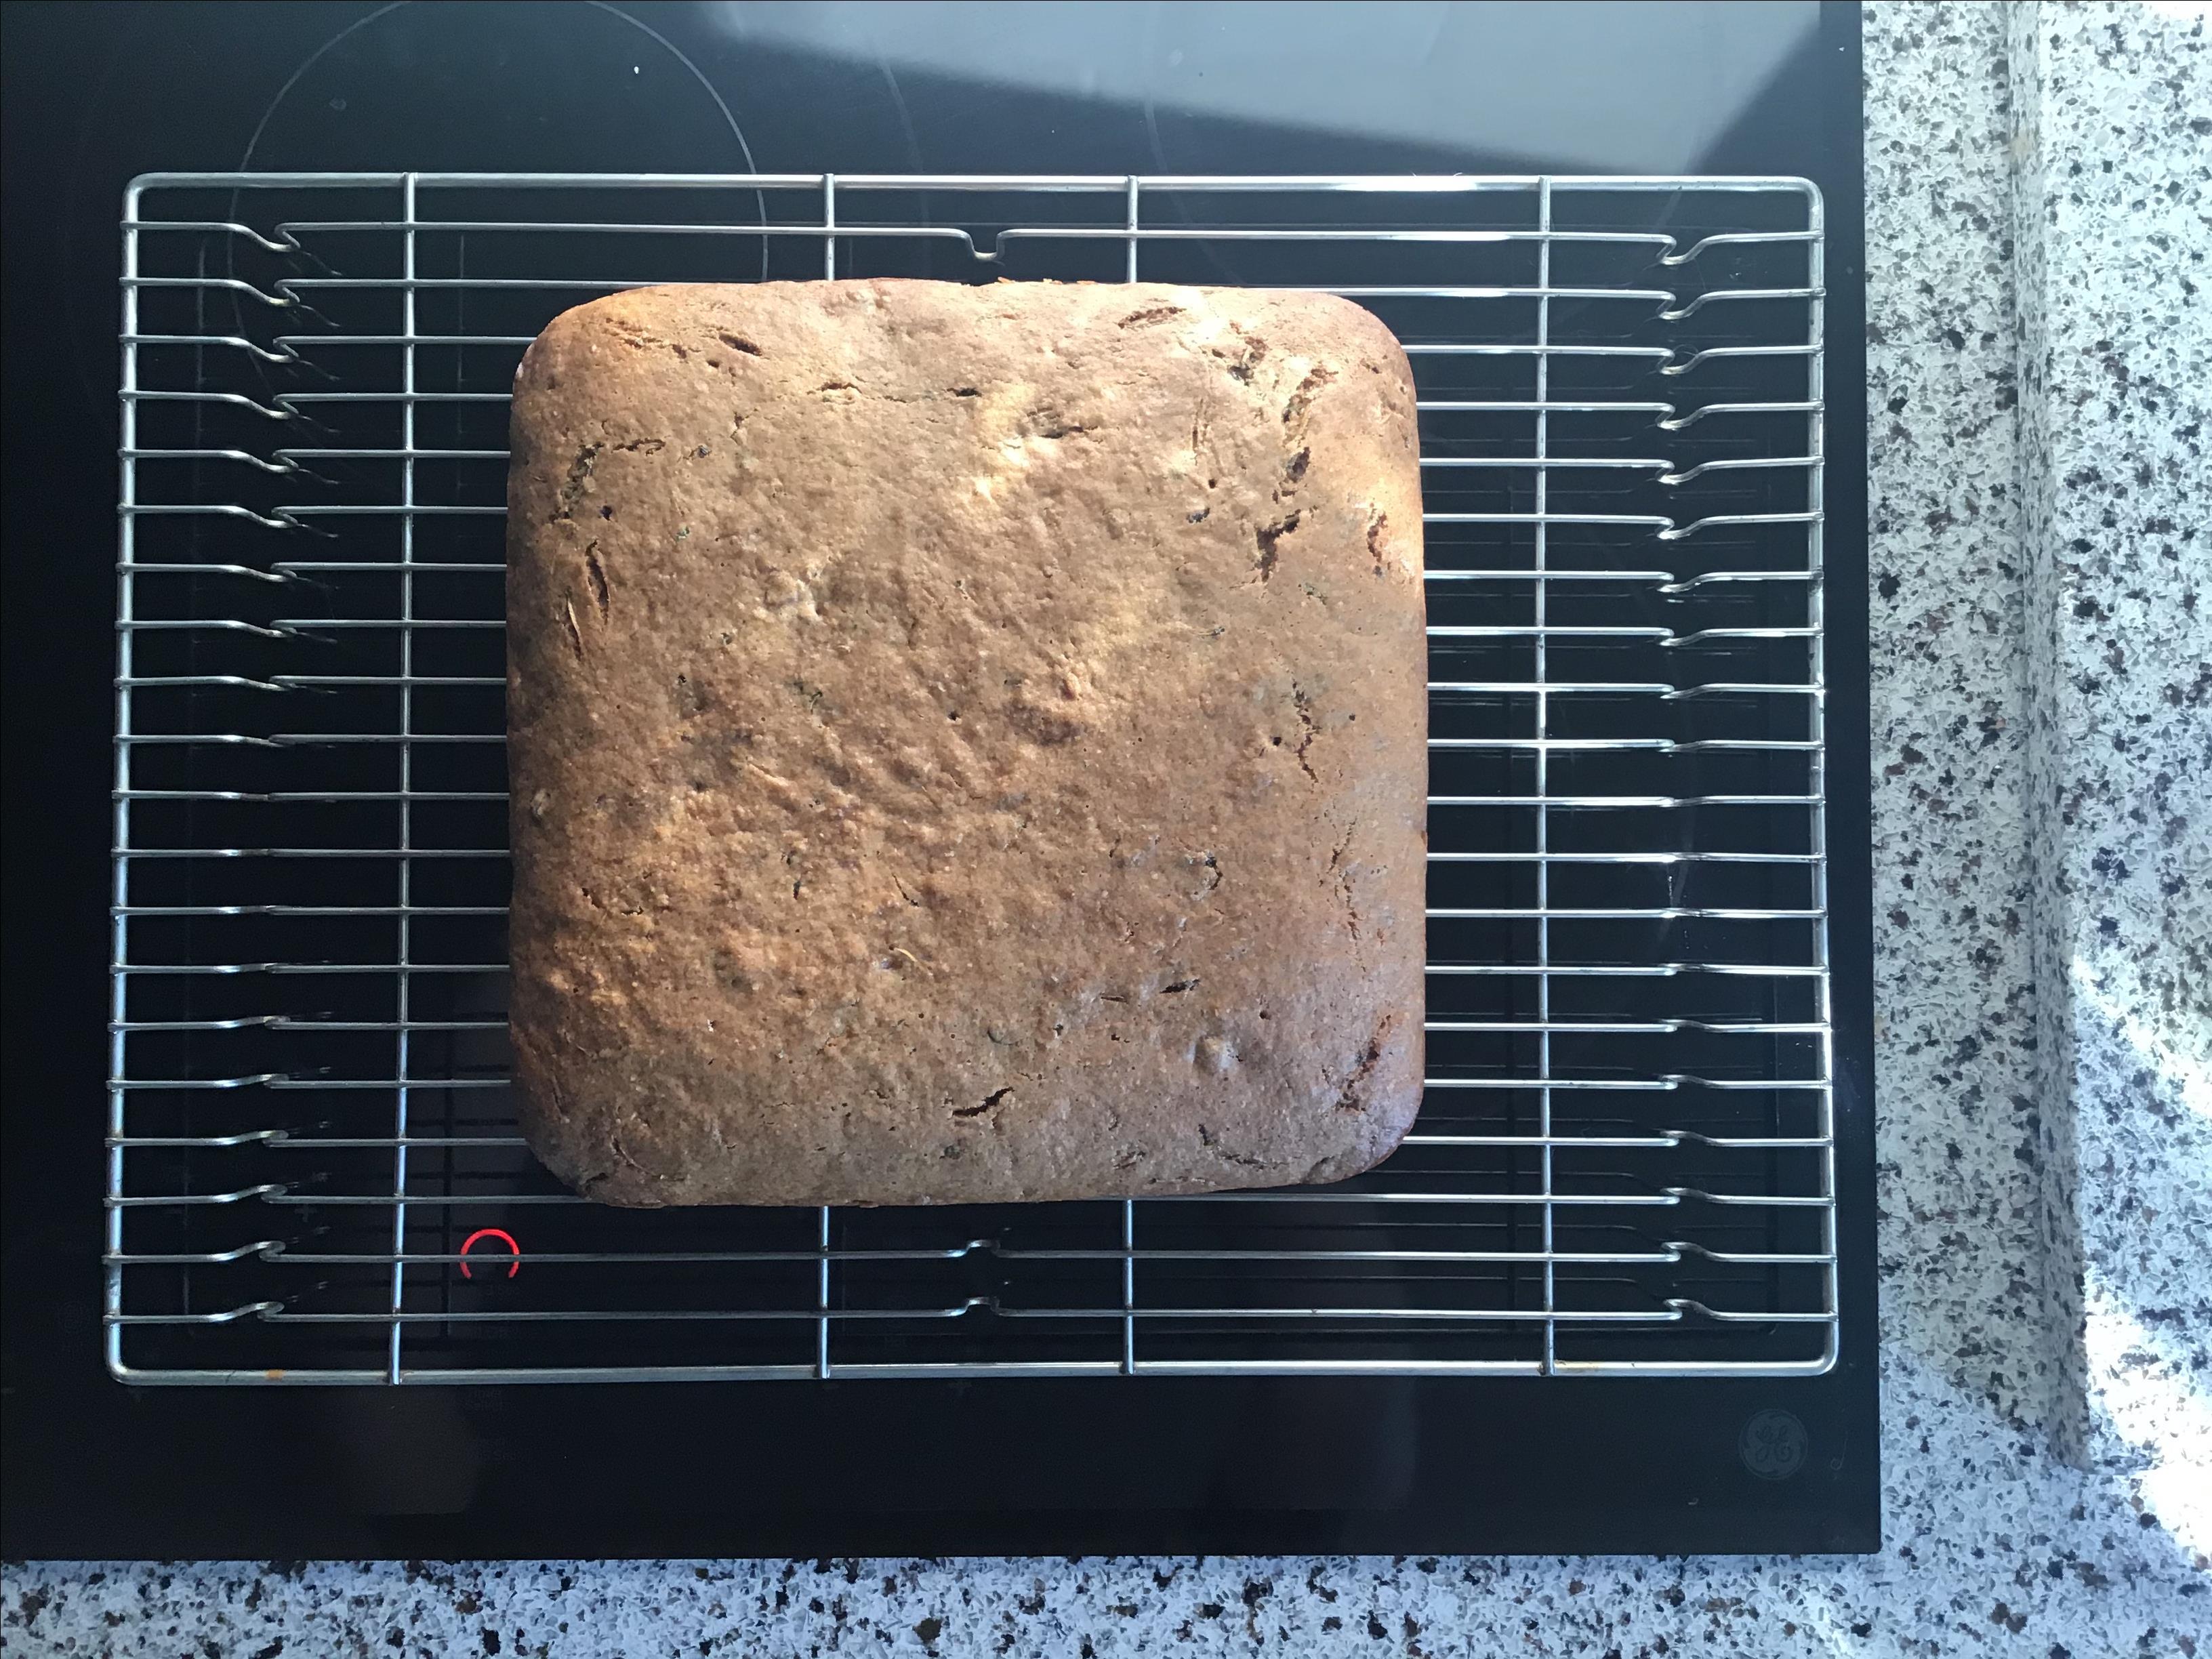 Grandma's Best Zucchini Bread Keller1969